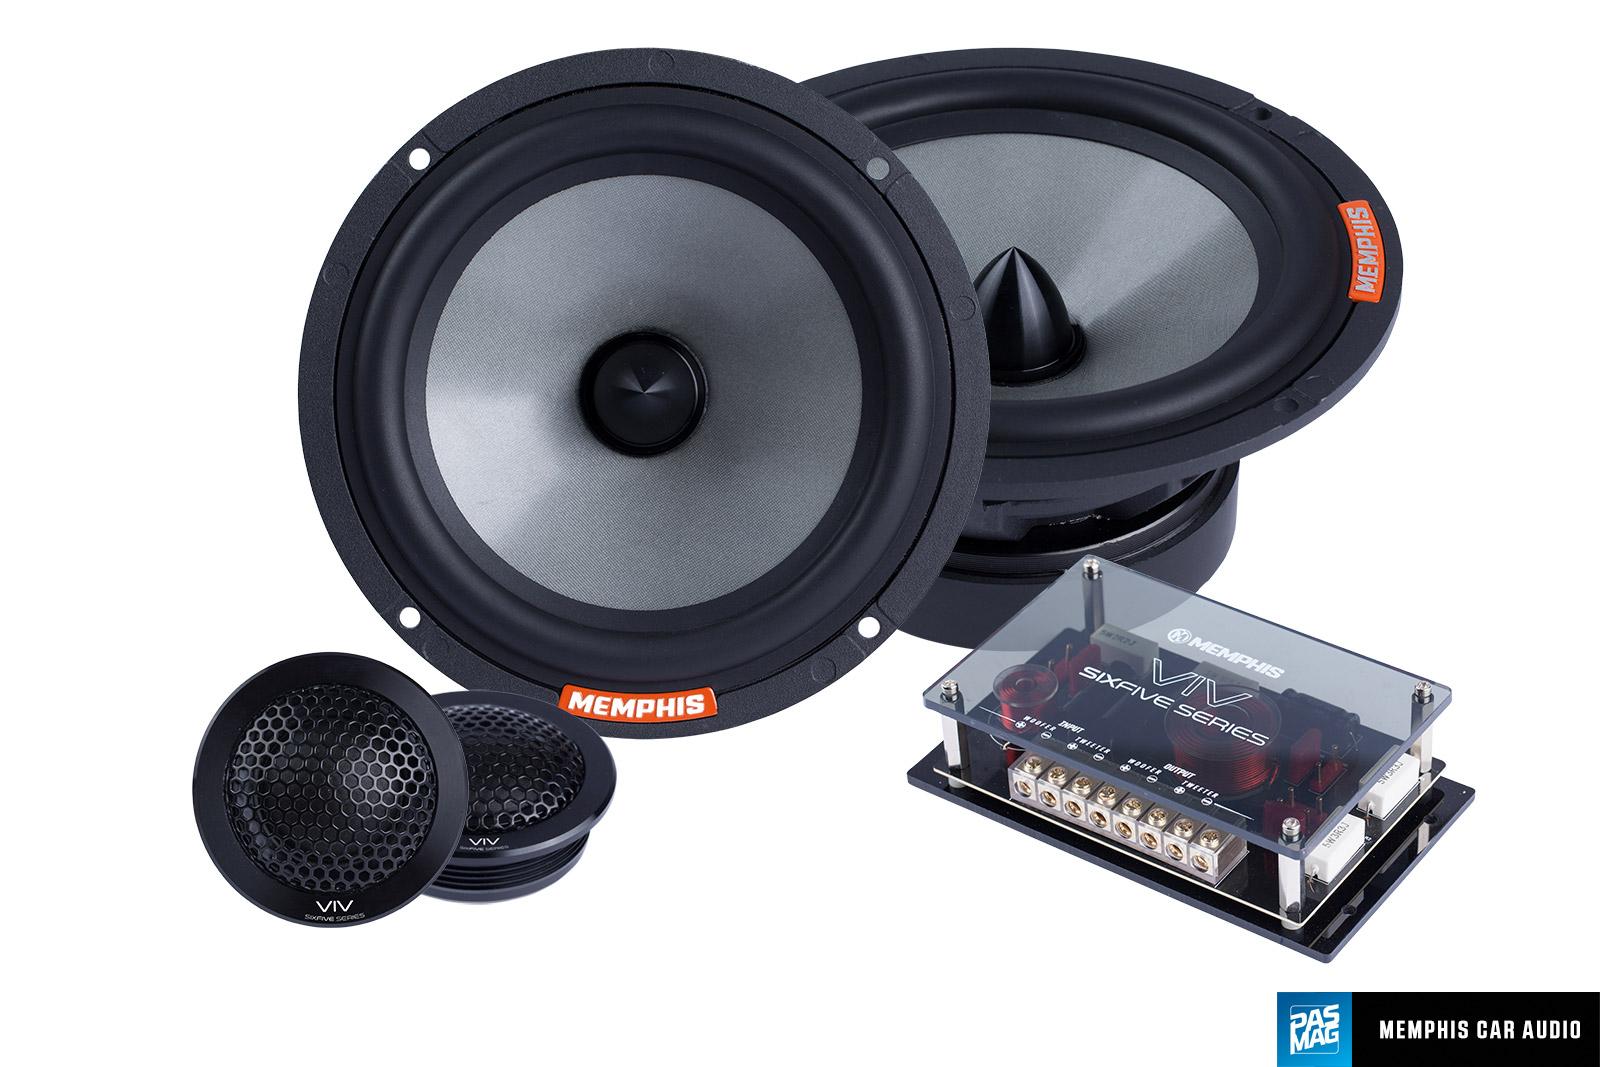 Memphis Car Audio Viv60c Component Review Pasmag Since